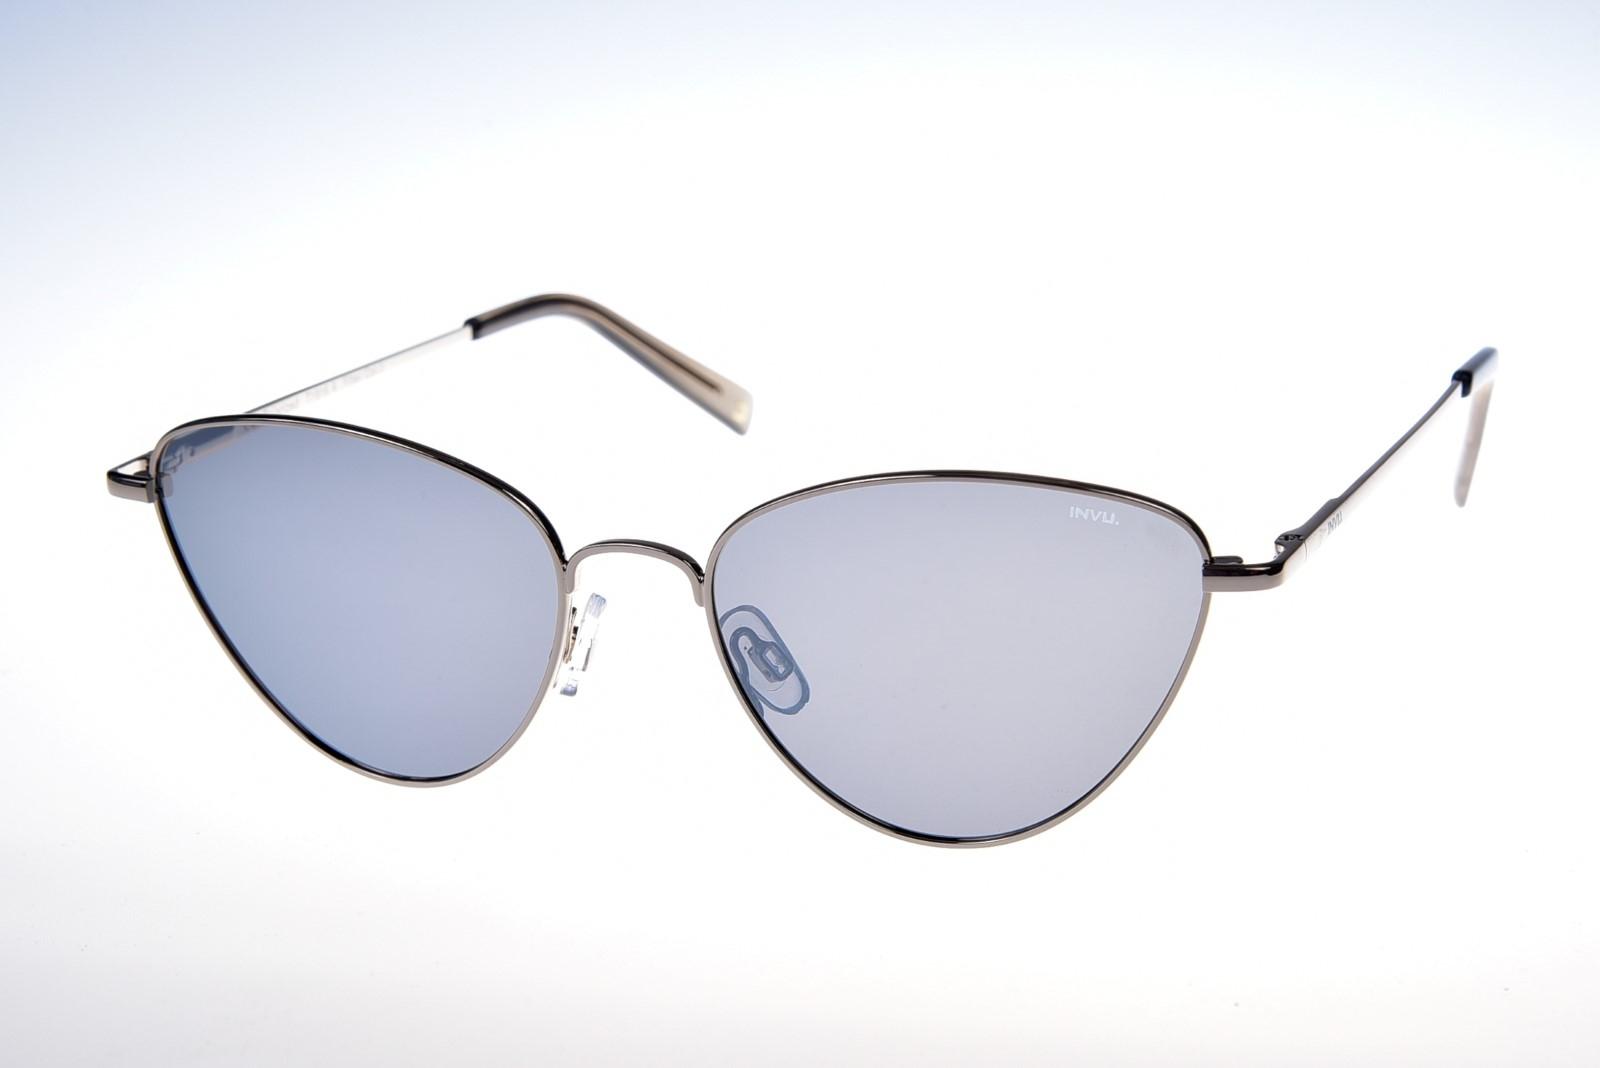 INVU. Trend T1916A - Dámske slnečné okuliare